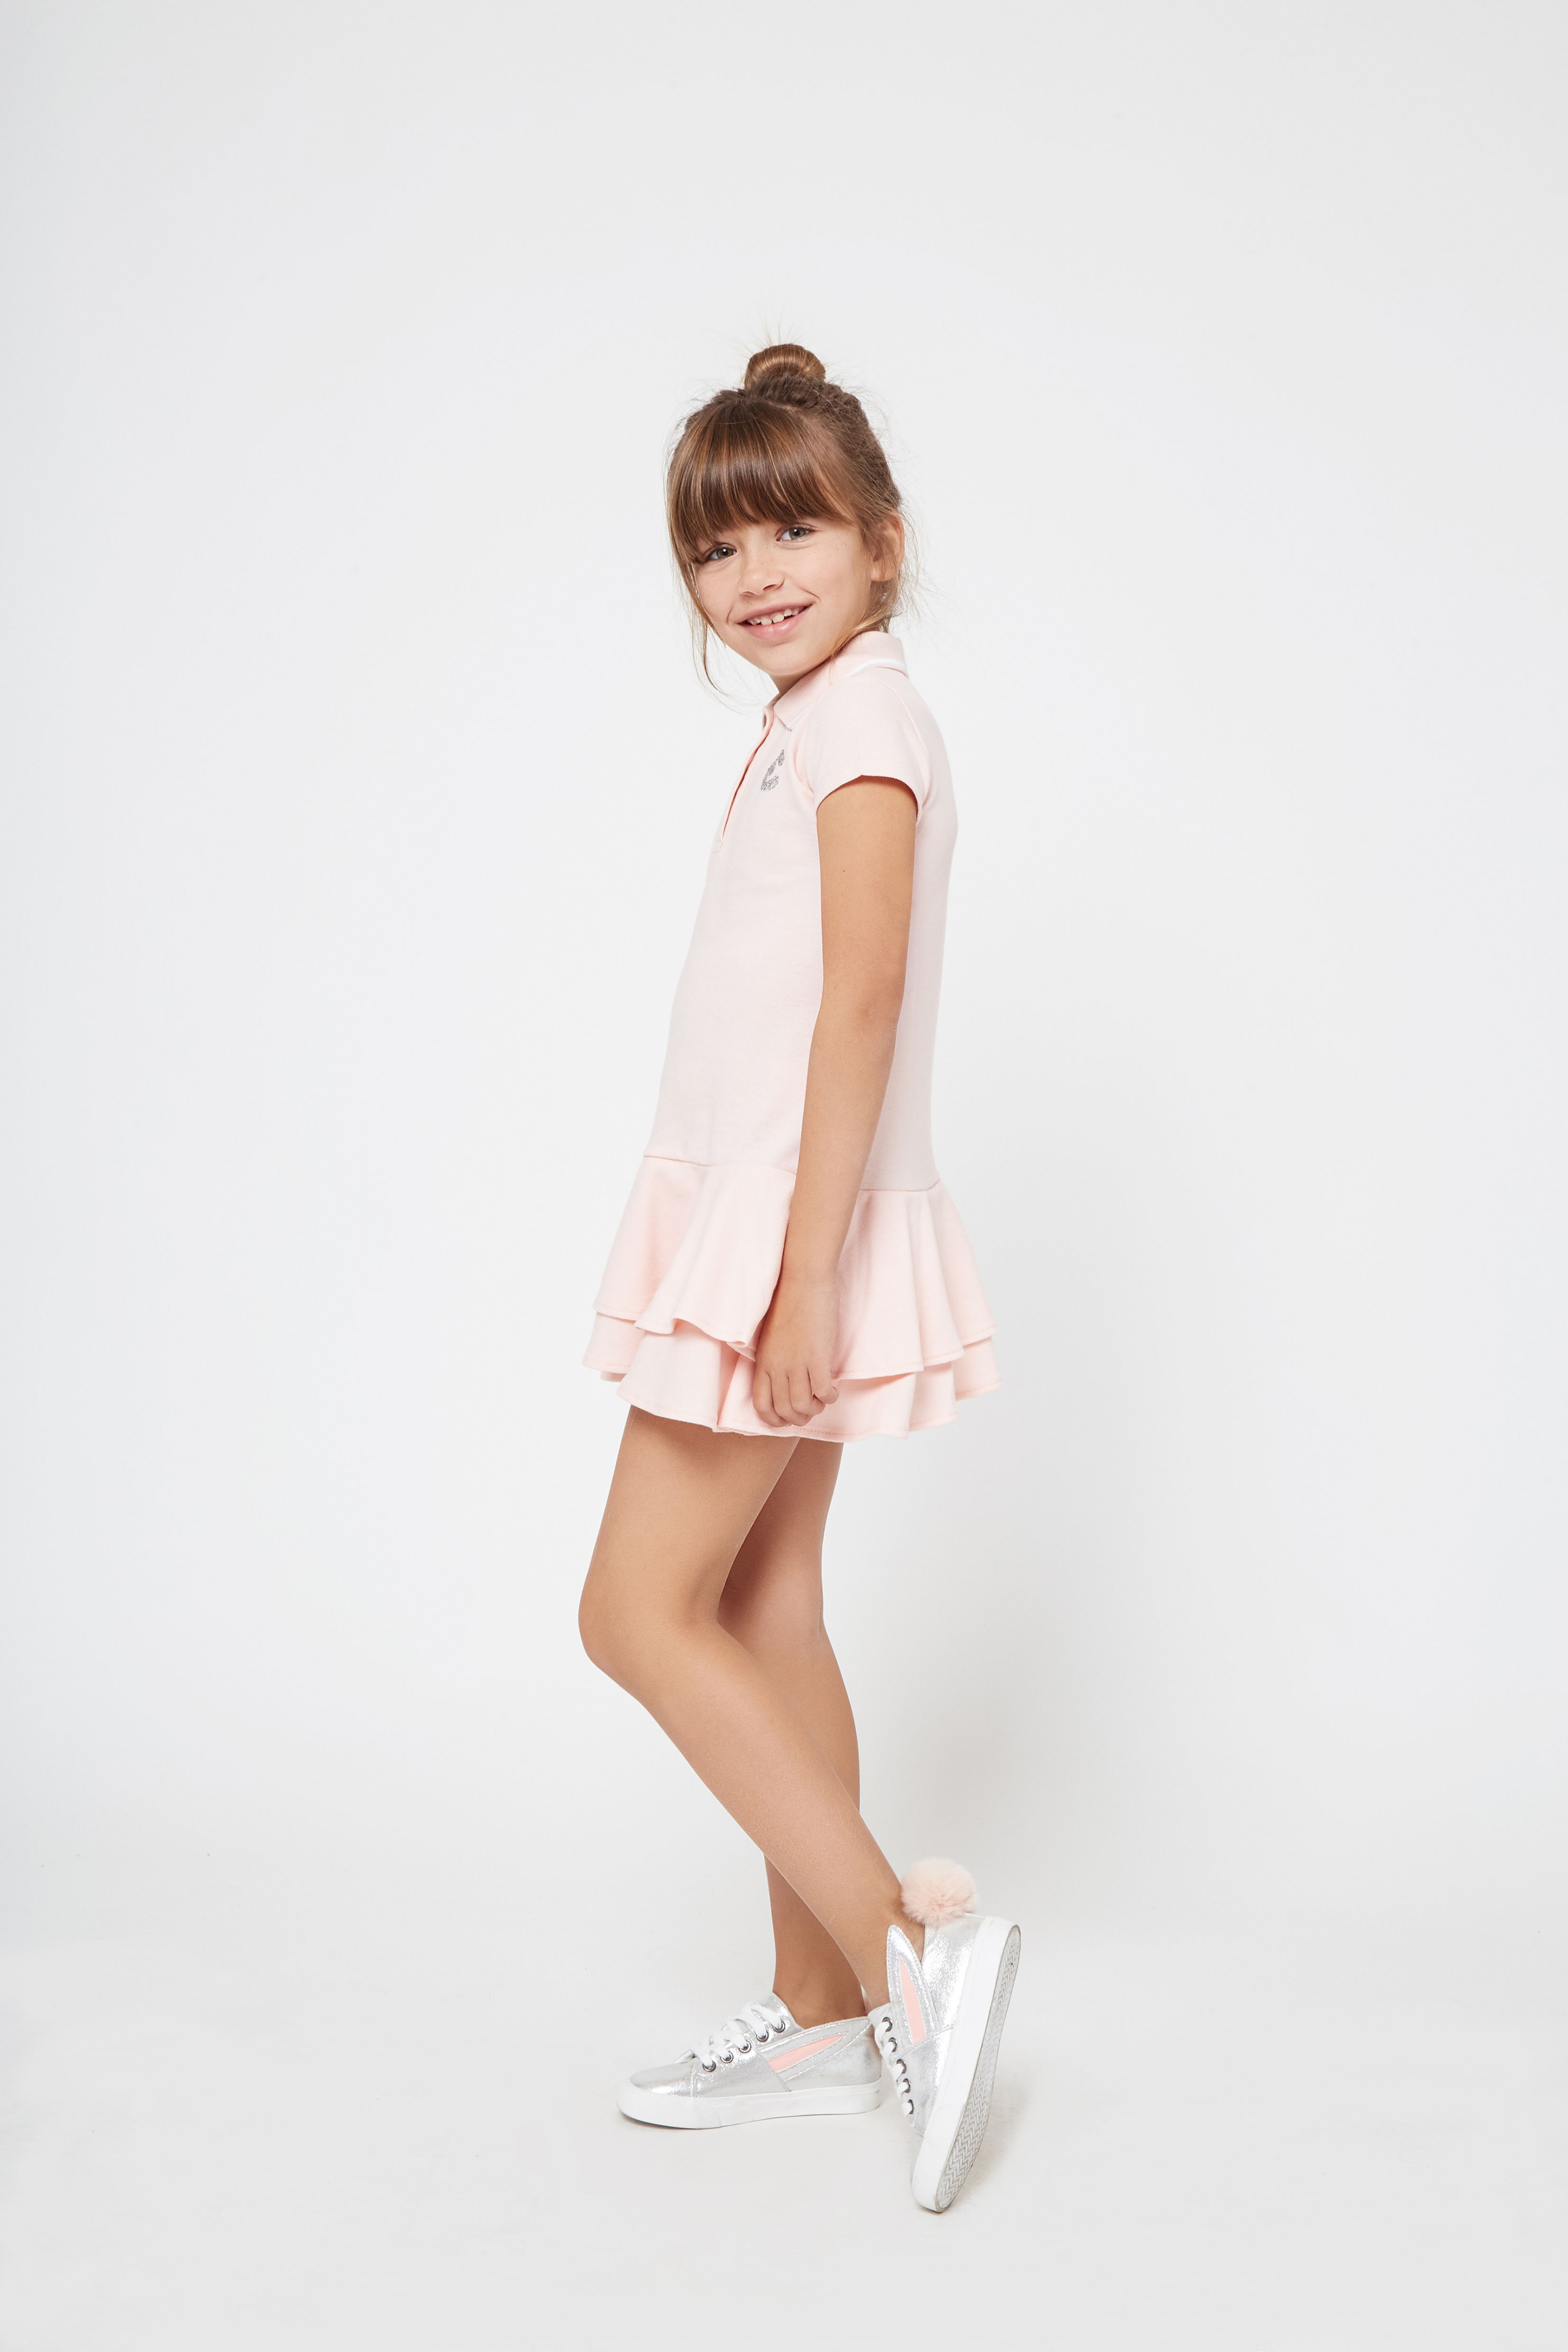 8d9a740eb Vestido de Niña Polo Rosa Volantes - Moda - Niña - Conguitos #kidsfashion  #dress #kids #springsummer #ss18 #vestido #modaniña #niña